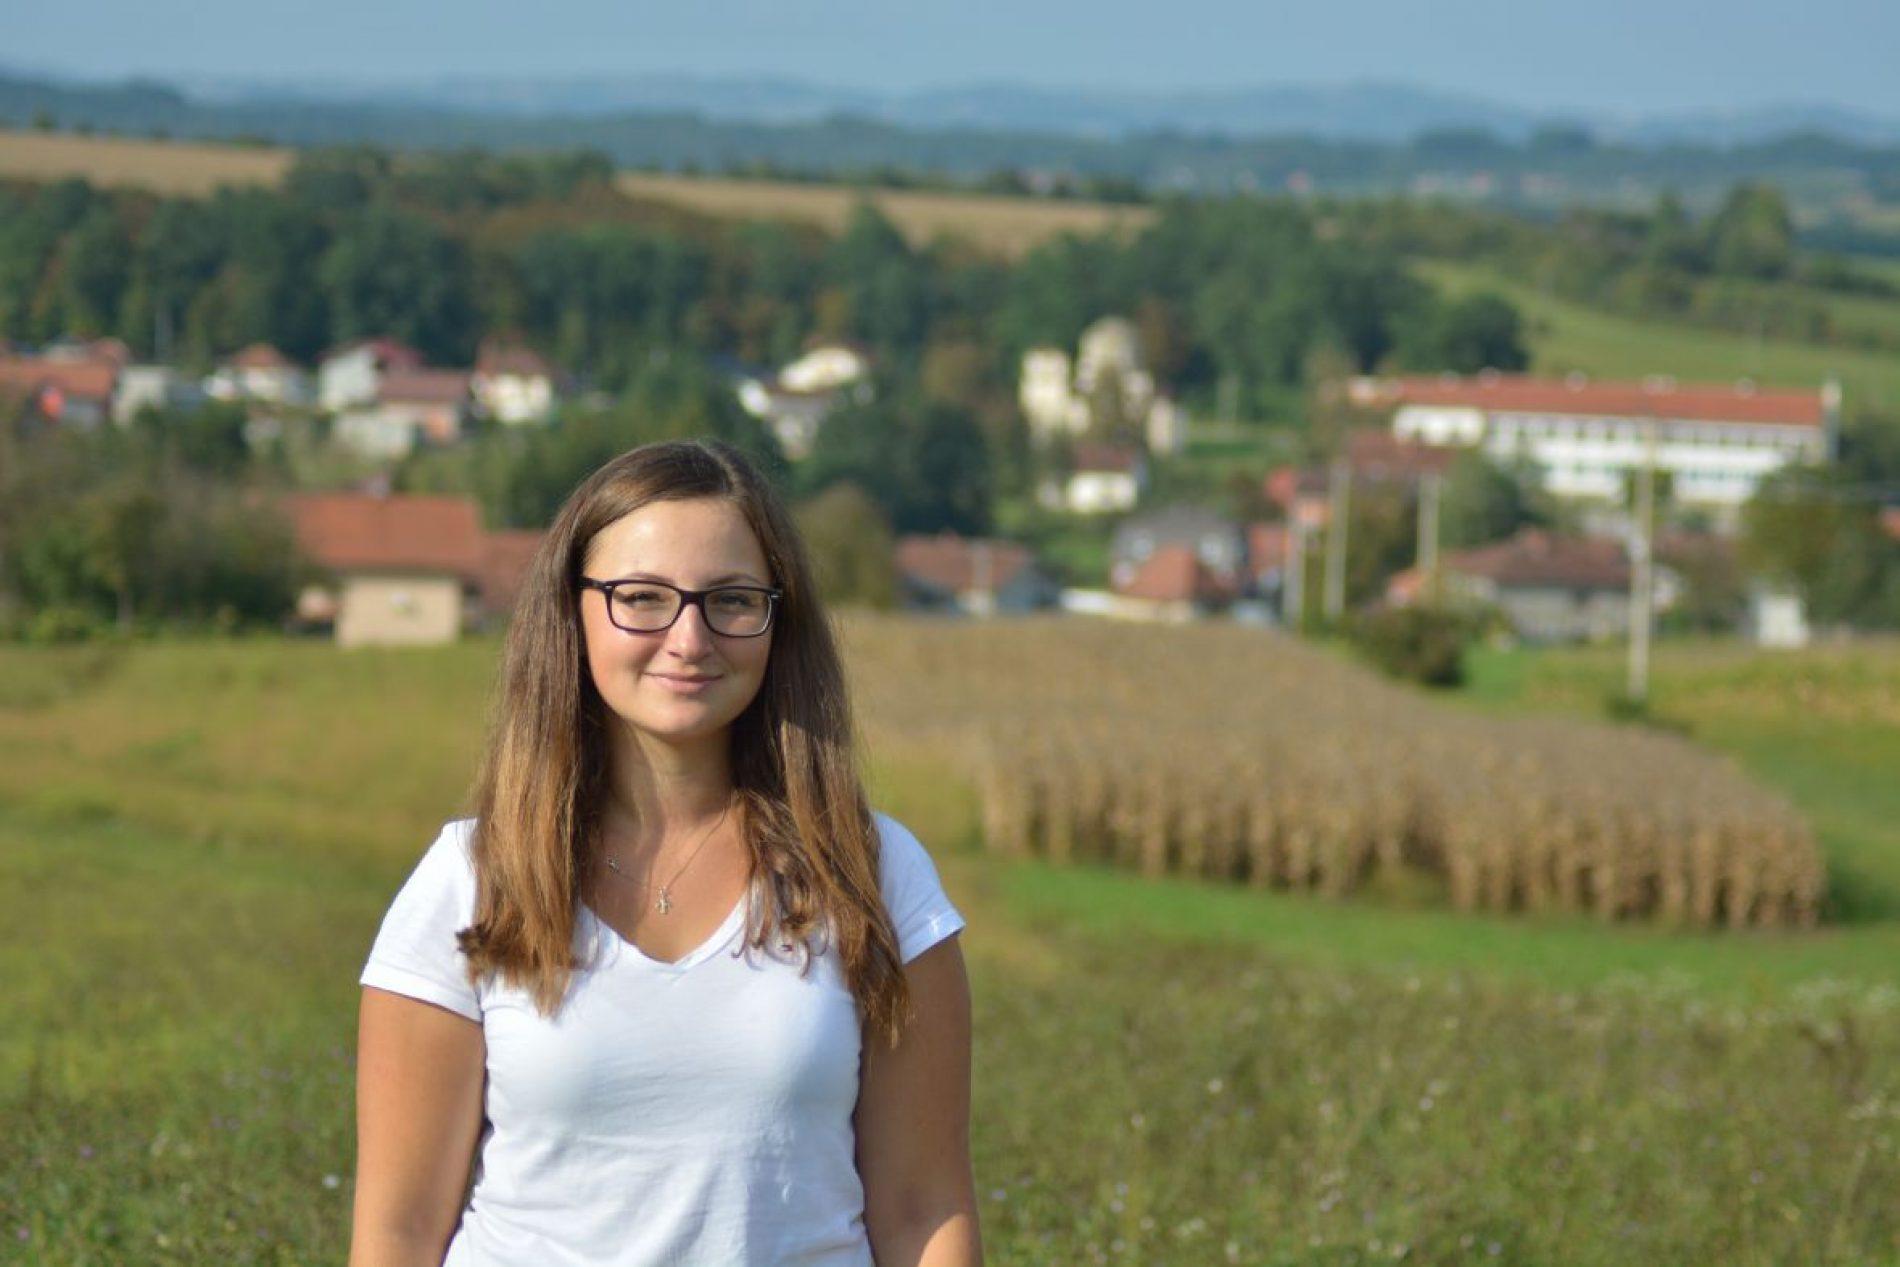 Ena Zolić: Rođena u Njemačkoj, nakon studija dolazi u Bosnu da pokrene posao na očevom imanju